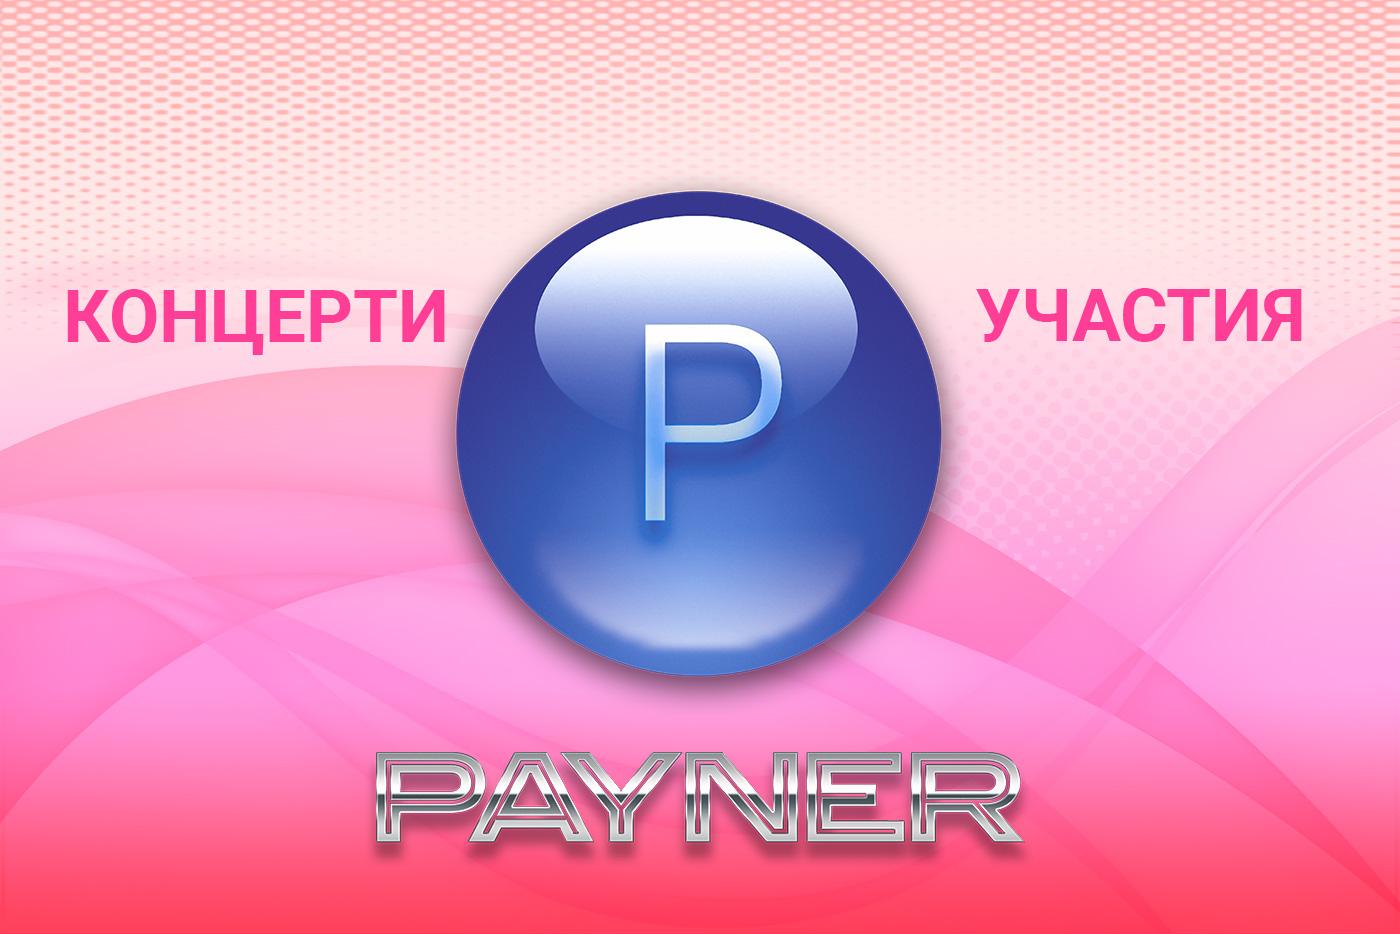 """Участия на звездите на """"Пайнер"""" на 08.10.2019"""